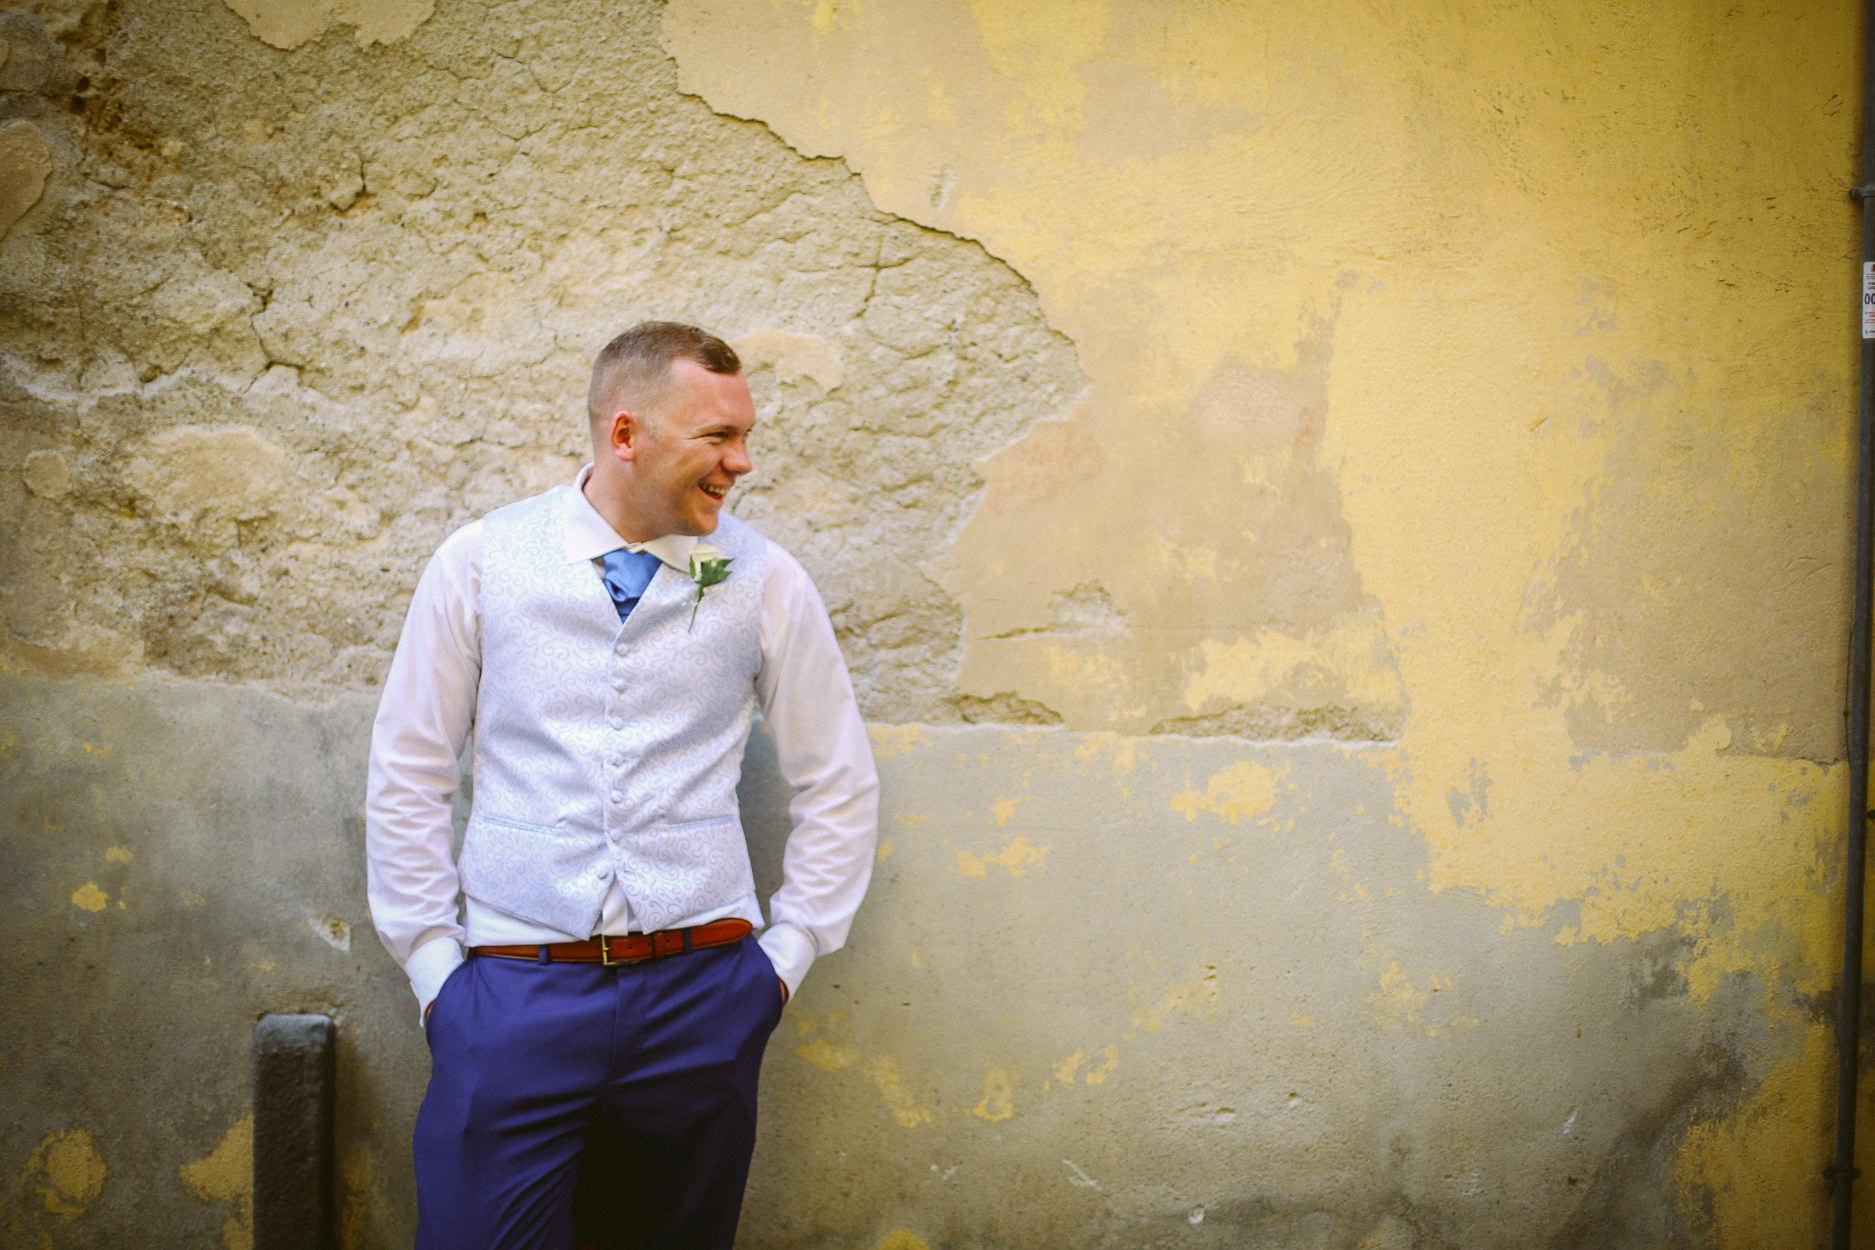 English-Wedding-Photographer-Photography-Sorrento-Italy-Documentary-wedding-photography-17